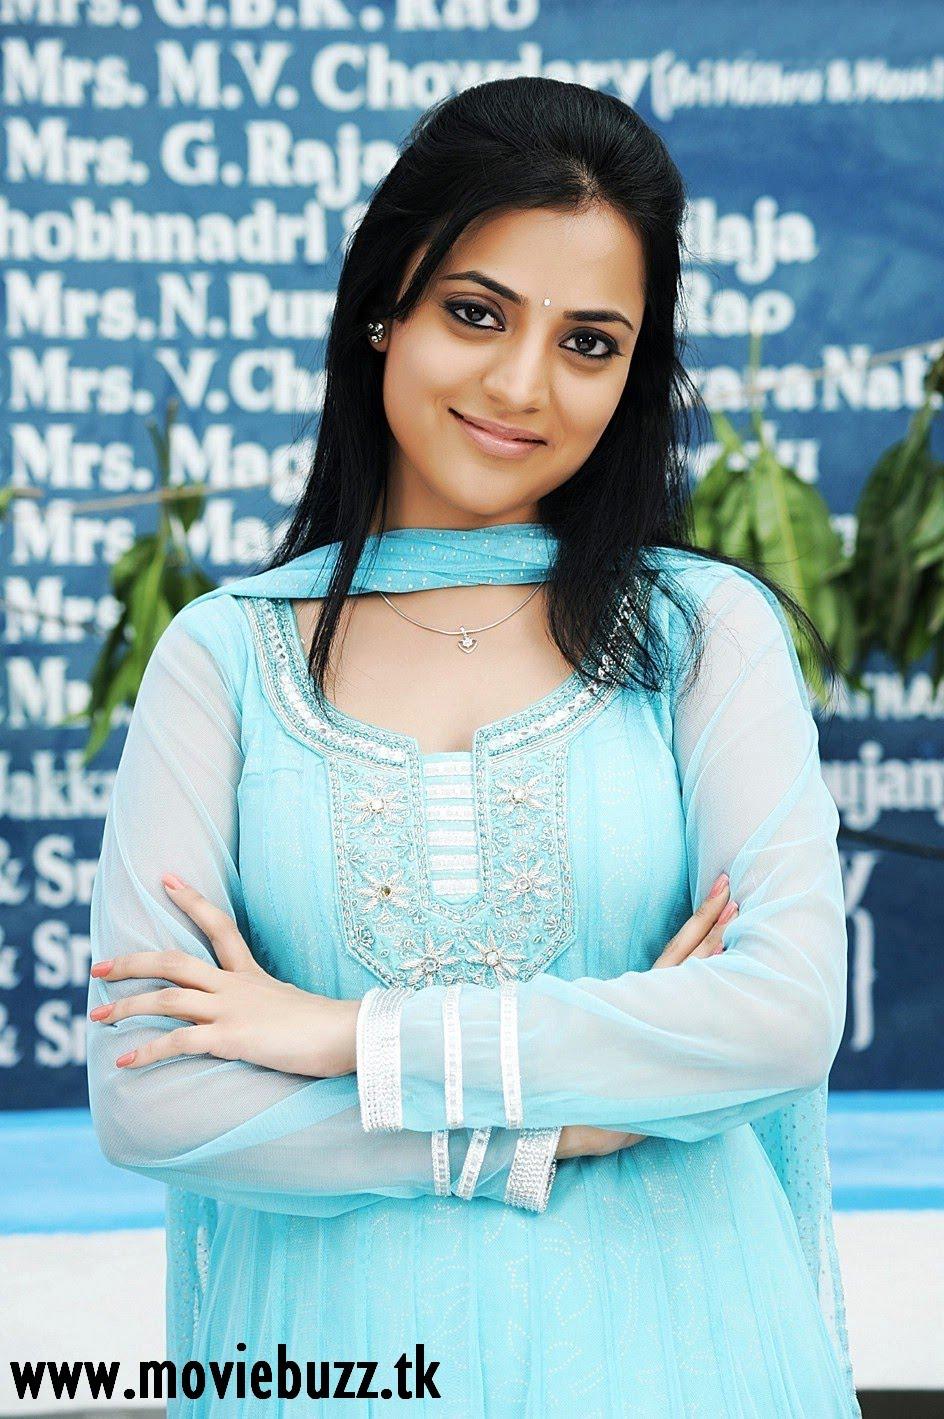 http://2.bp.blogspot.com/_A3FB1NYQJ9s/TPYCLEyRC7I/AAAAAAAADLM/-dTYiLg3IUE/s1600/Nisha+Agarwal+1.jpg